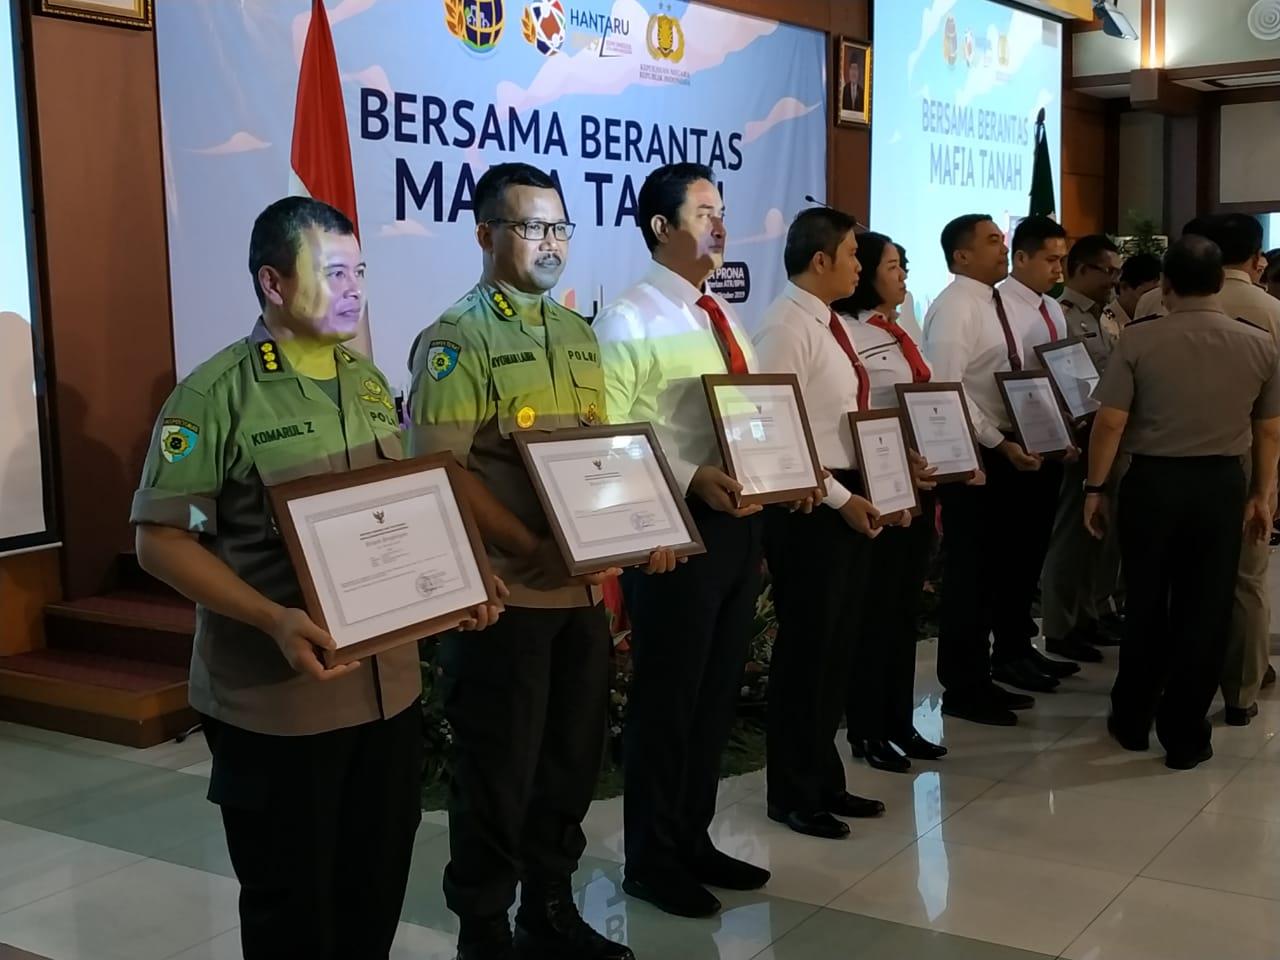 Polda Banten Terima Penghargaan dari Kementerian Agraria dan Tata Ruang/BPN